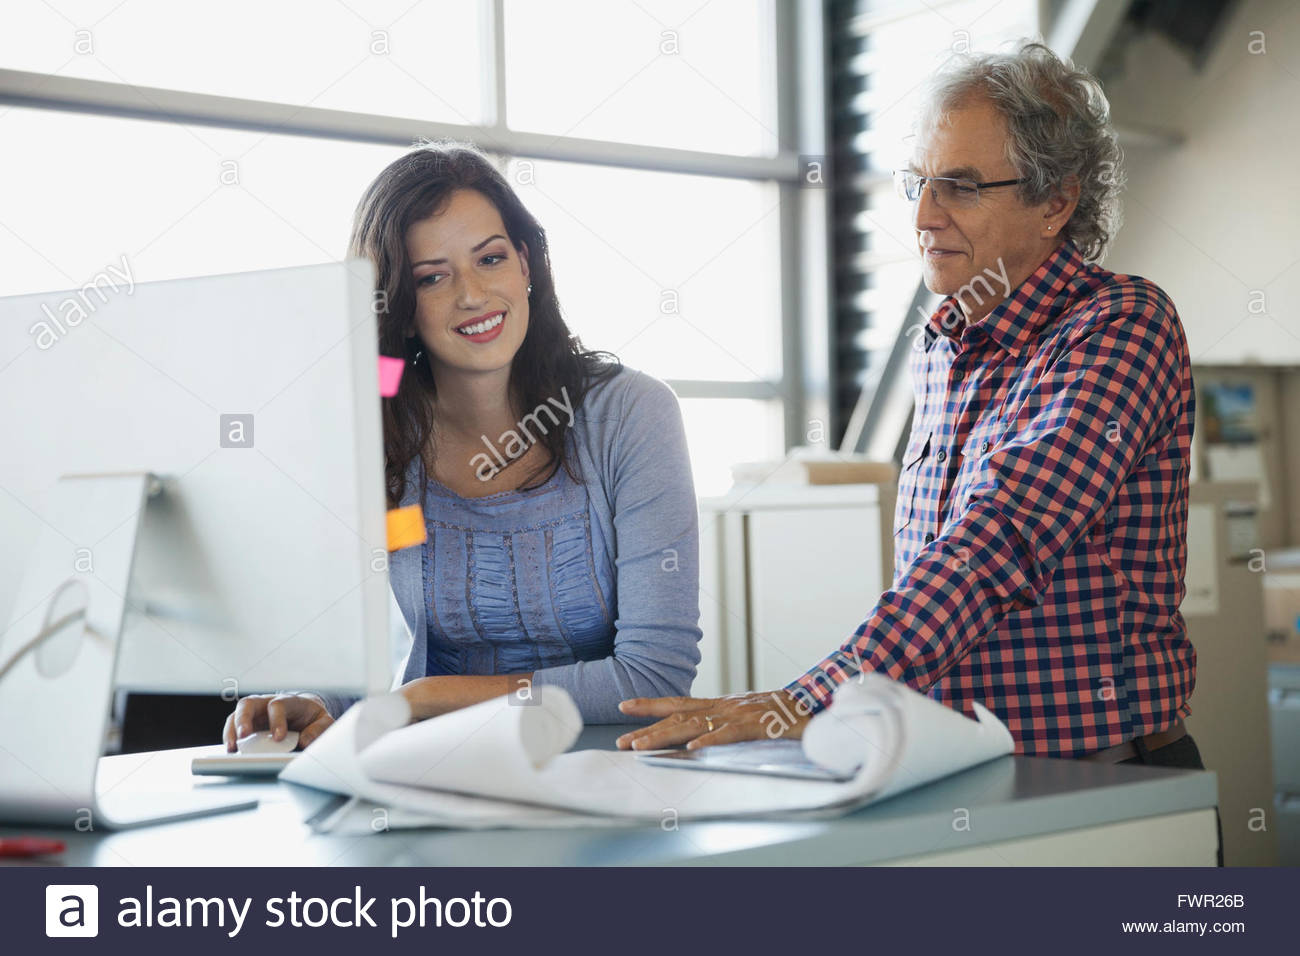 La gente di affari lavorando sul computer in ufficio Immagini Stock